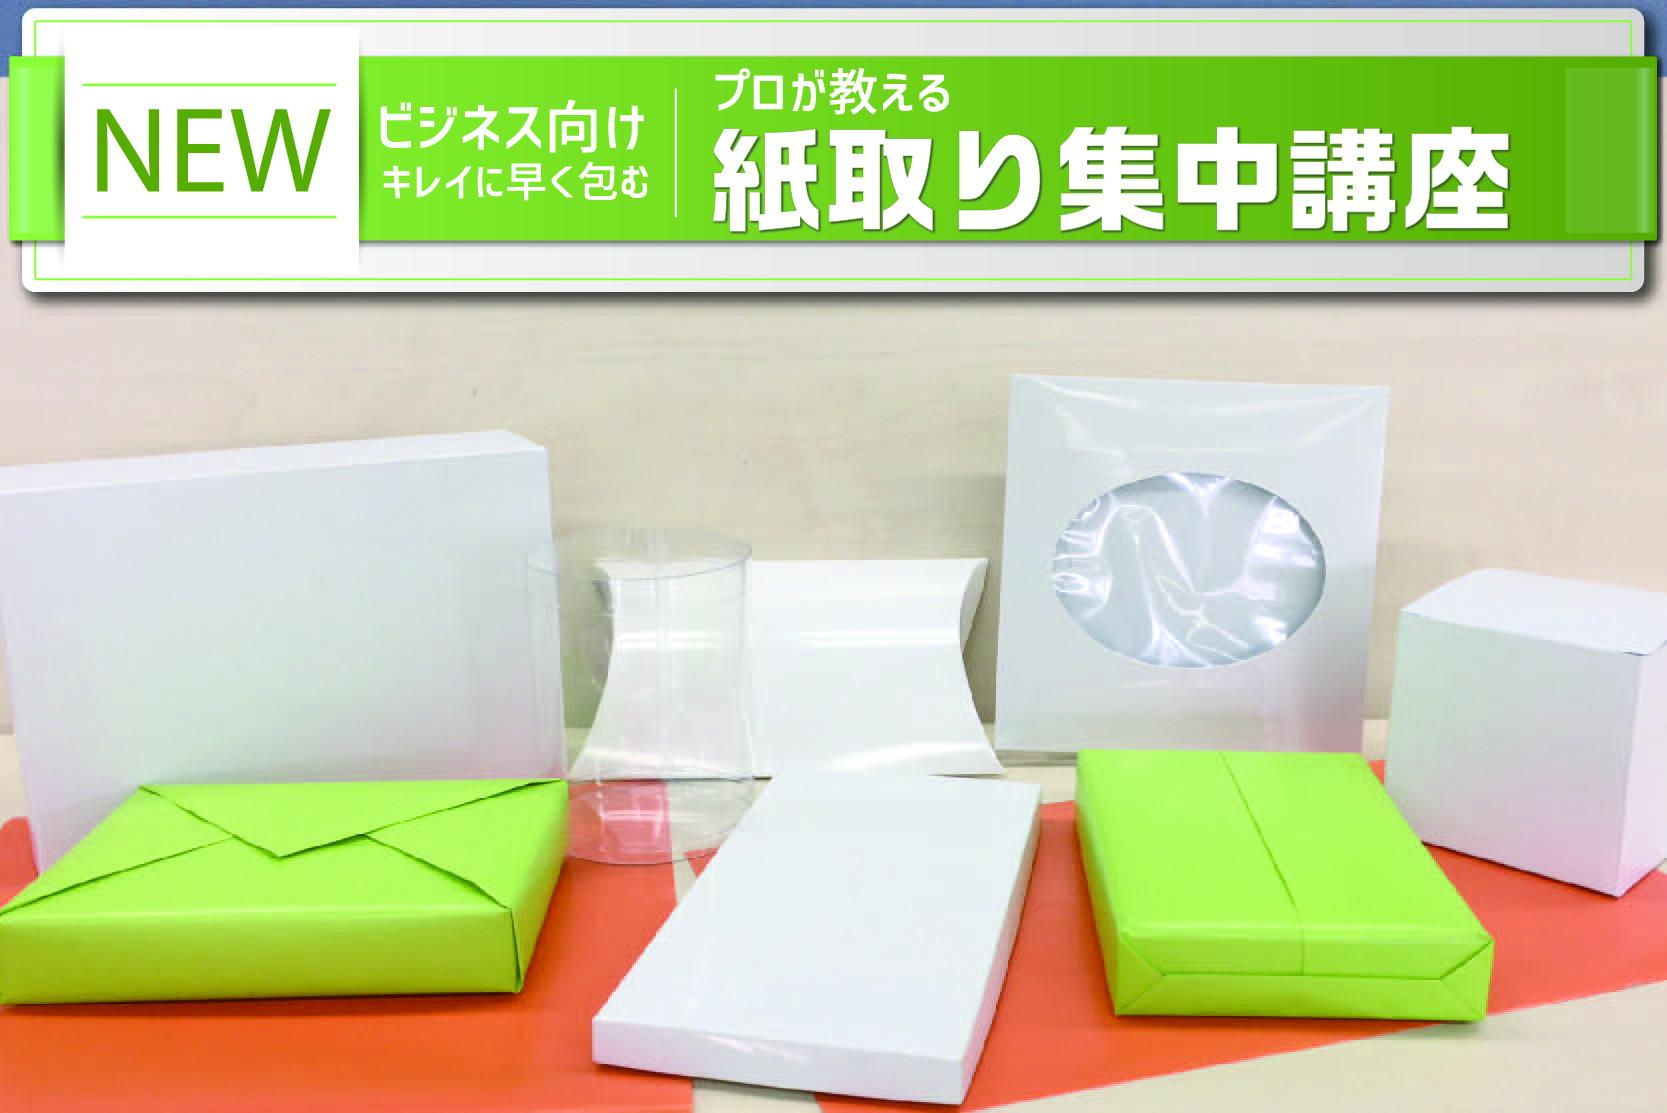 ラッピング講習会: 紙取り集中講座 VOL.1